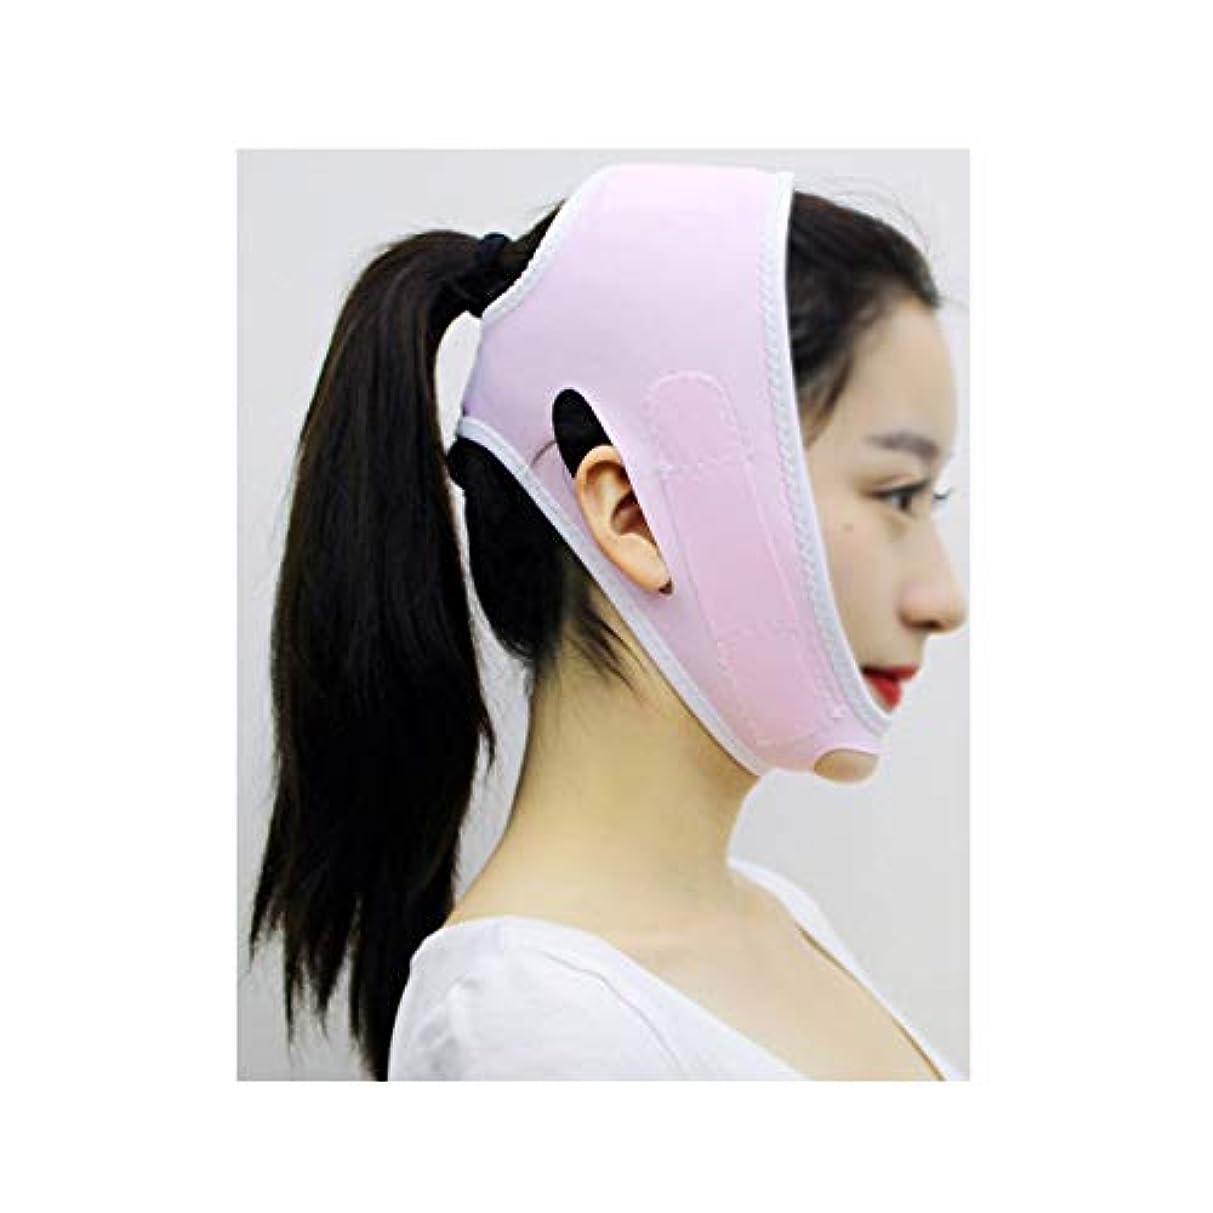 オリエンテーションタクシー顕著GLJJQMY 包帯ヘッドギアマスクの顔Vの顔の薄い顔のアーティファクトプラスチック美容ゴムバンドフェイスリフトネックリフト後薄い顔マスクあごベルトの回復 顔用整形マスク (Color : Pink)